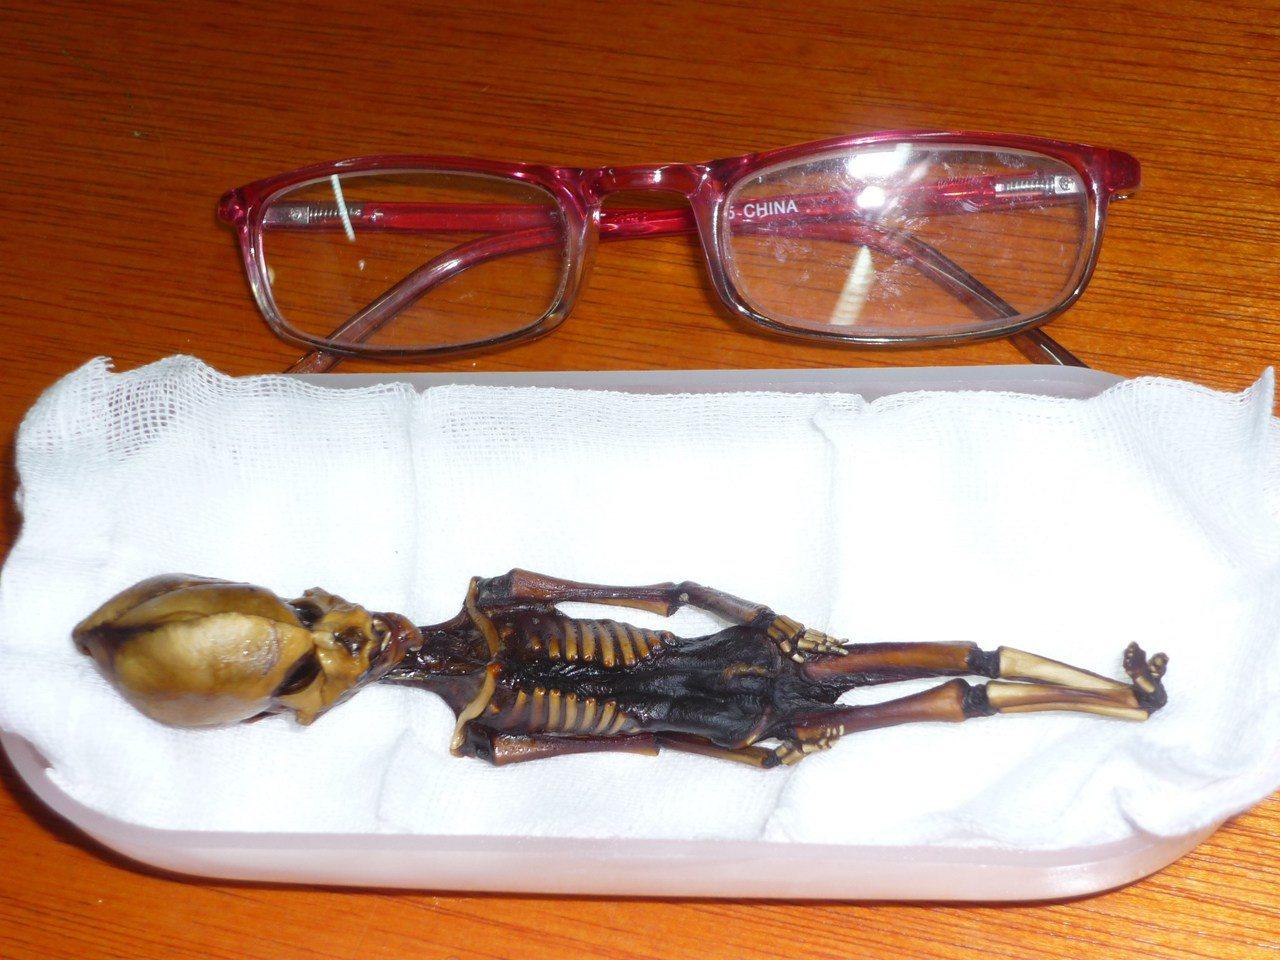 「亞他」木乃伊大小僅約15公分,骨骼初步分析卻又顯示,它的生前年齡相當於6到8歲...